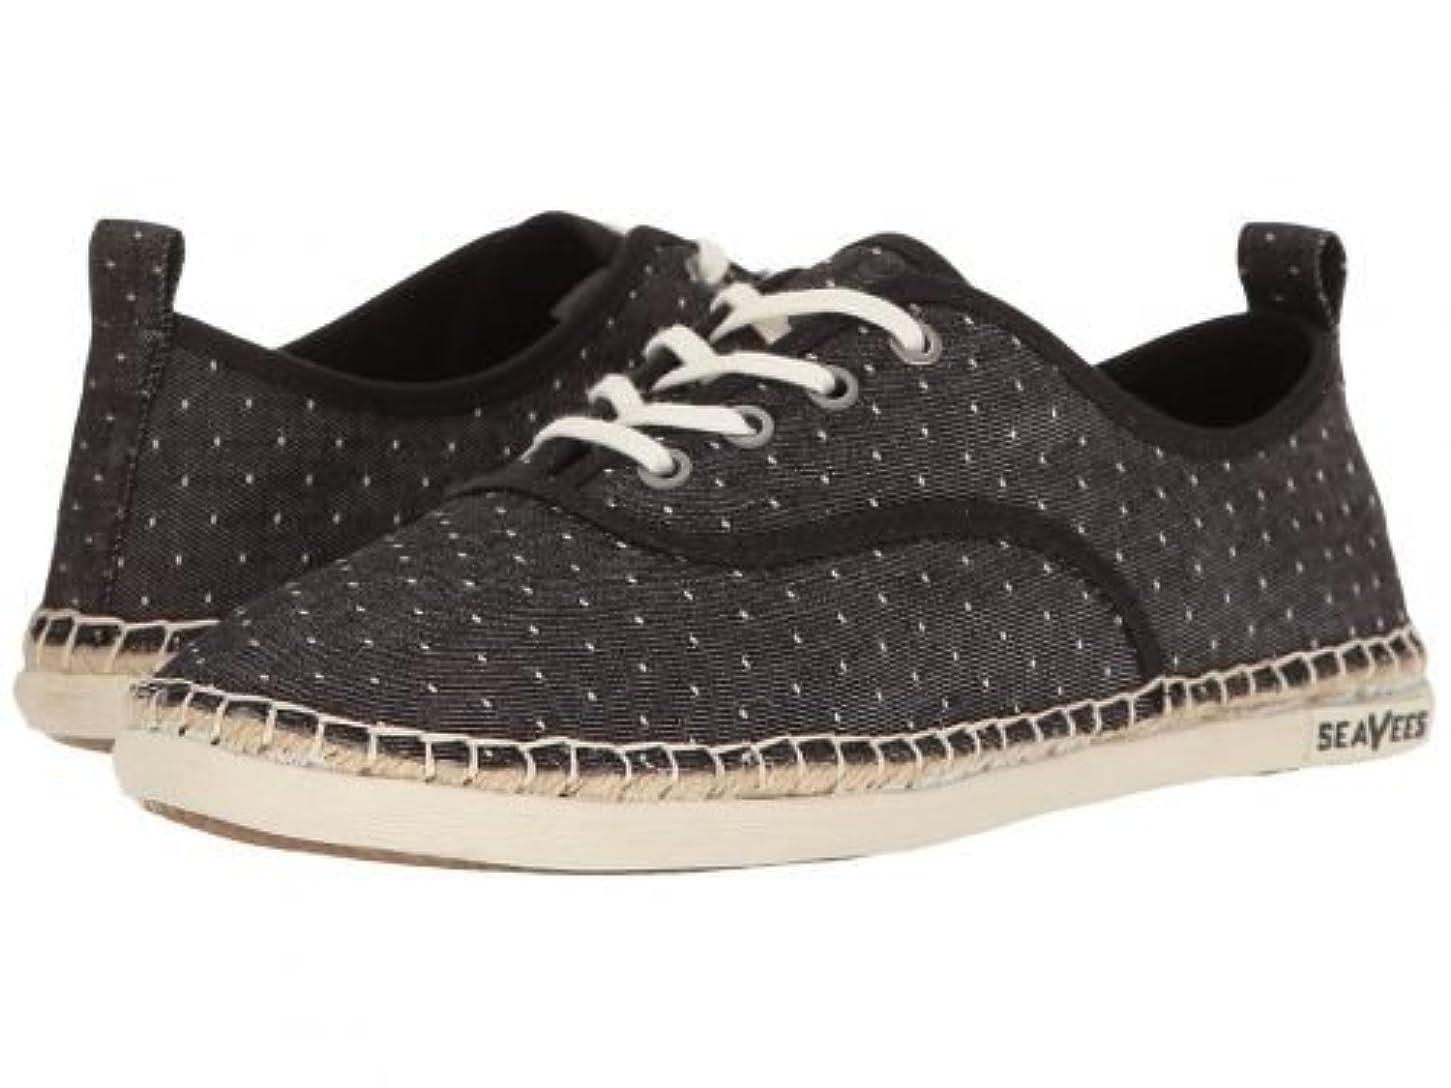 ささいな素子見積りSeaVees(シービーズ) レディース 女性用 シューズ 靴 スニーカー 運動靴 07/60 Sorrento Sand Shoe - Black [並行輸入品]